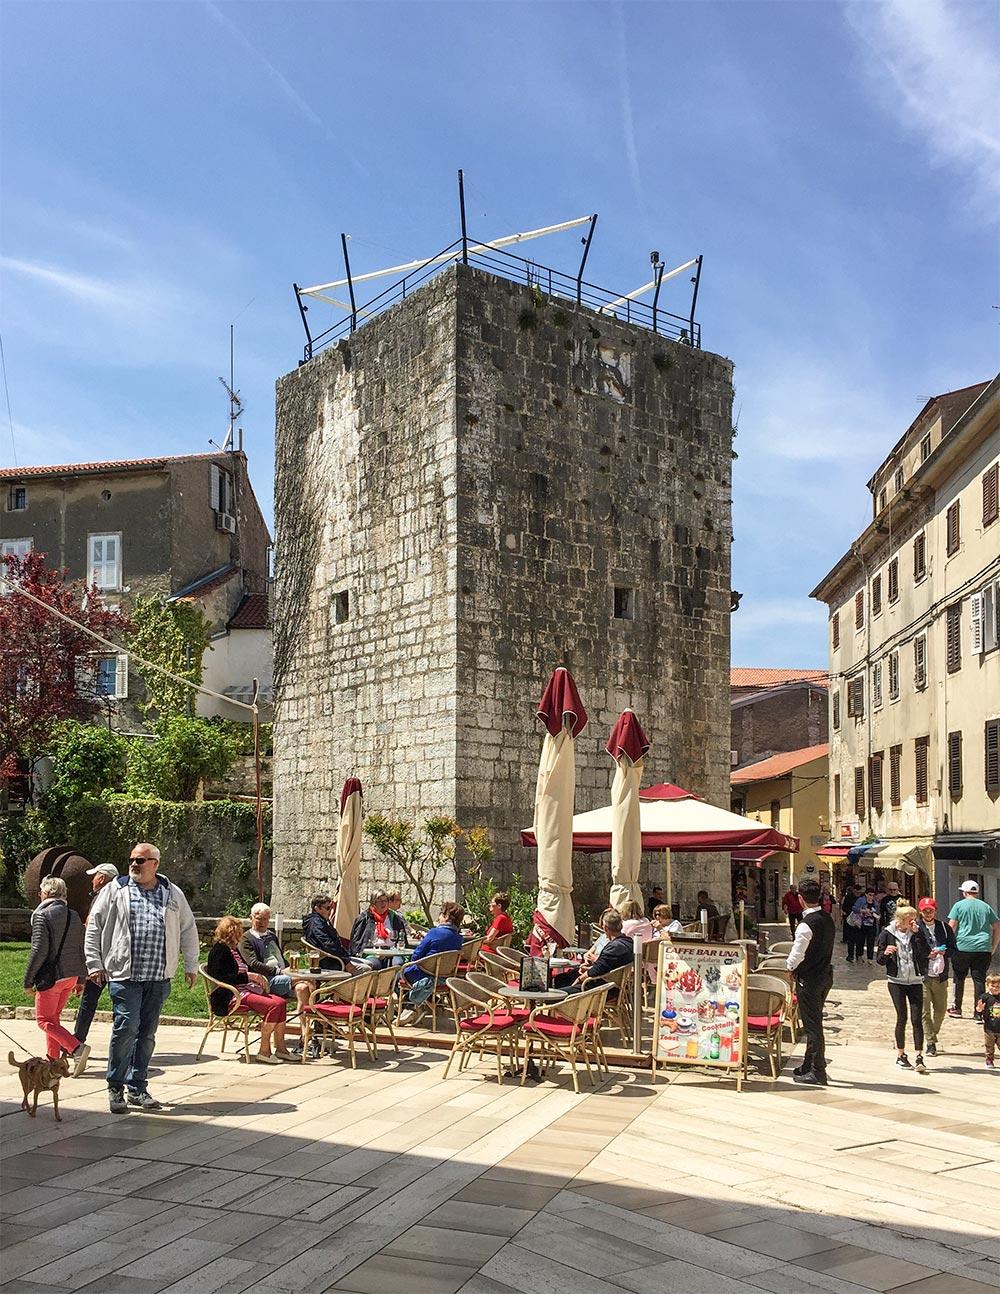 Einer der Türme der ehemaligen Stadtmauer